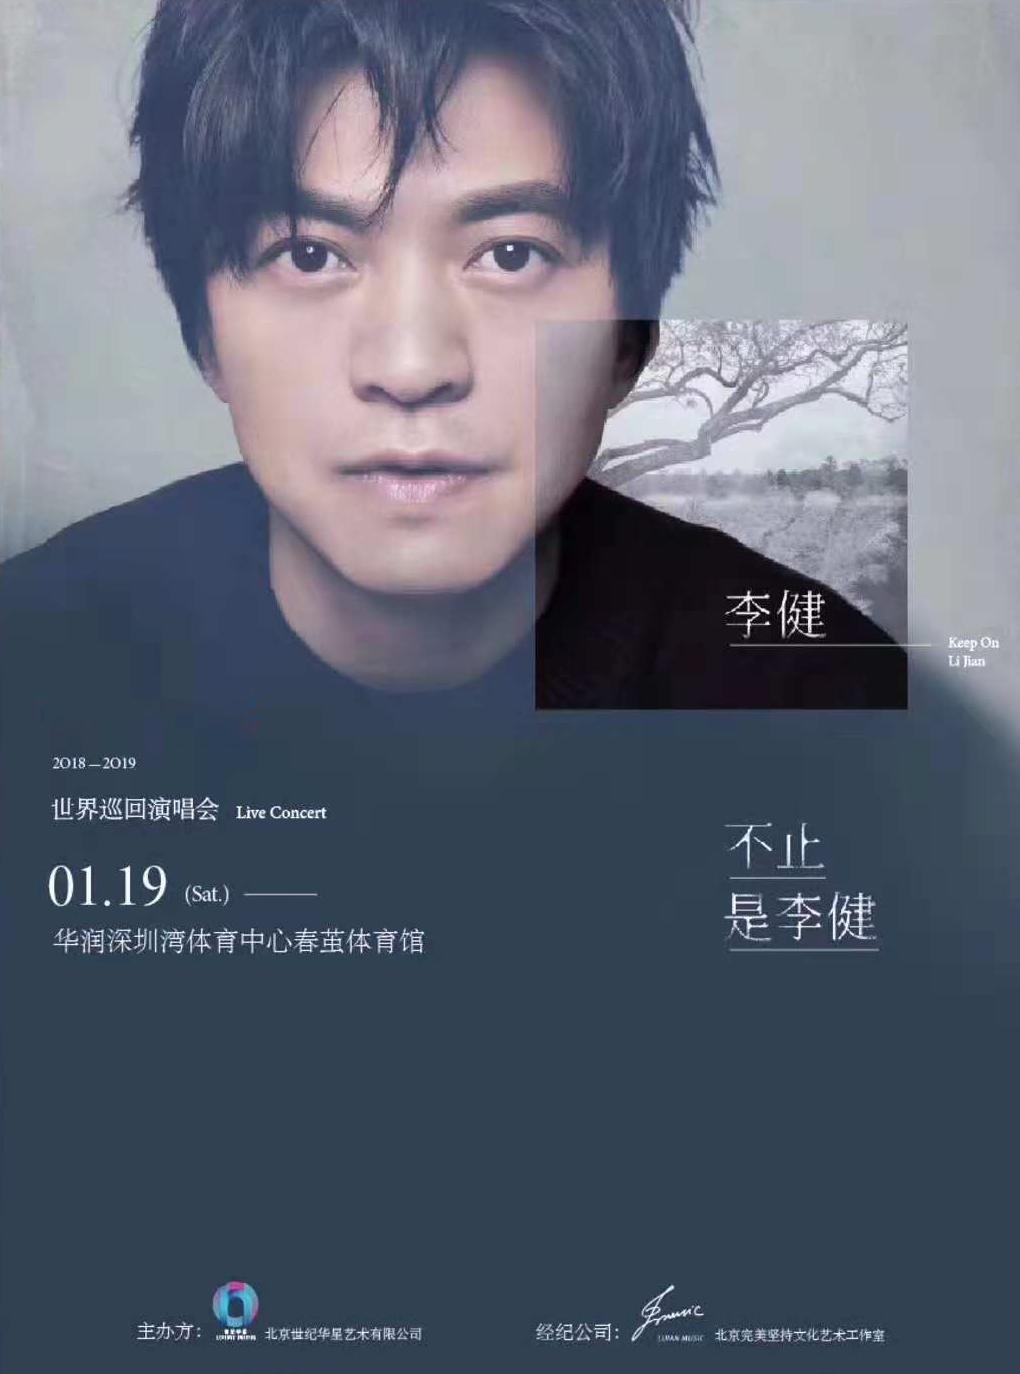 李健深圳演唱会